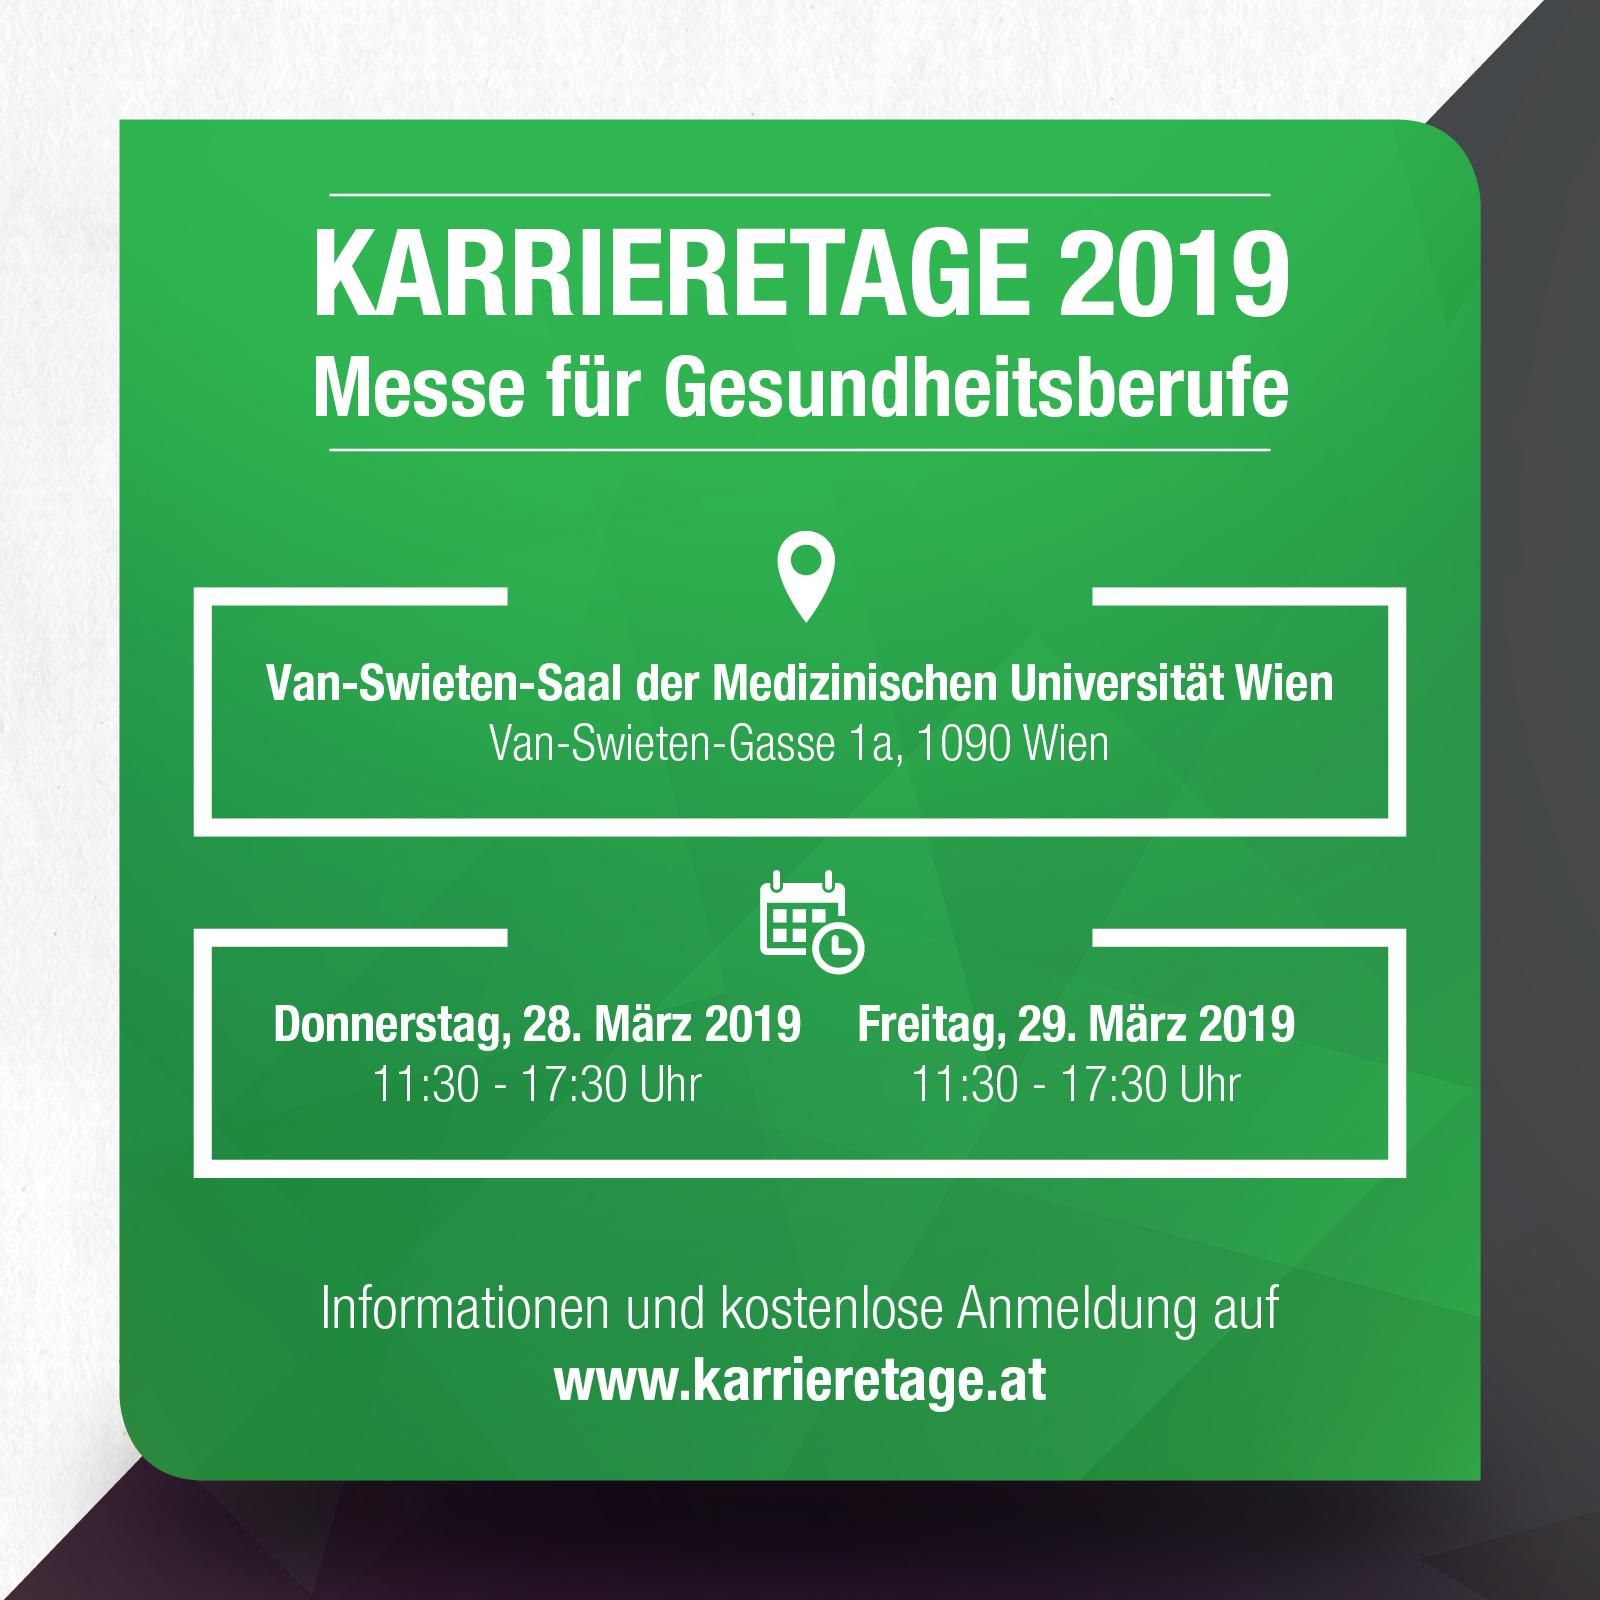 Karrieretage für Gesundheitsberufe in Wien